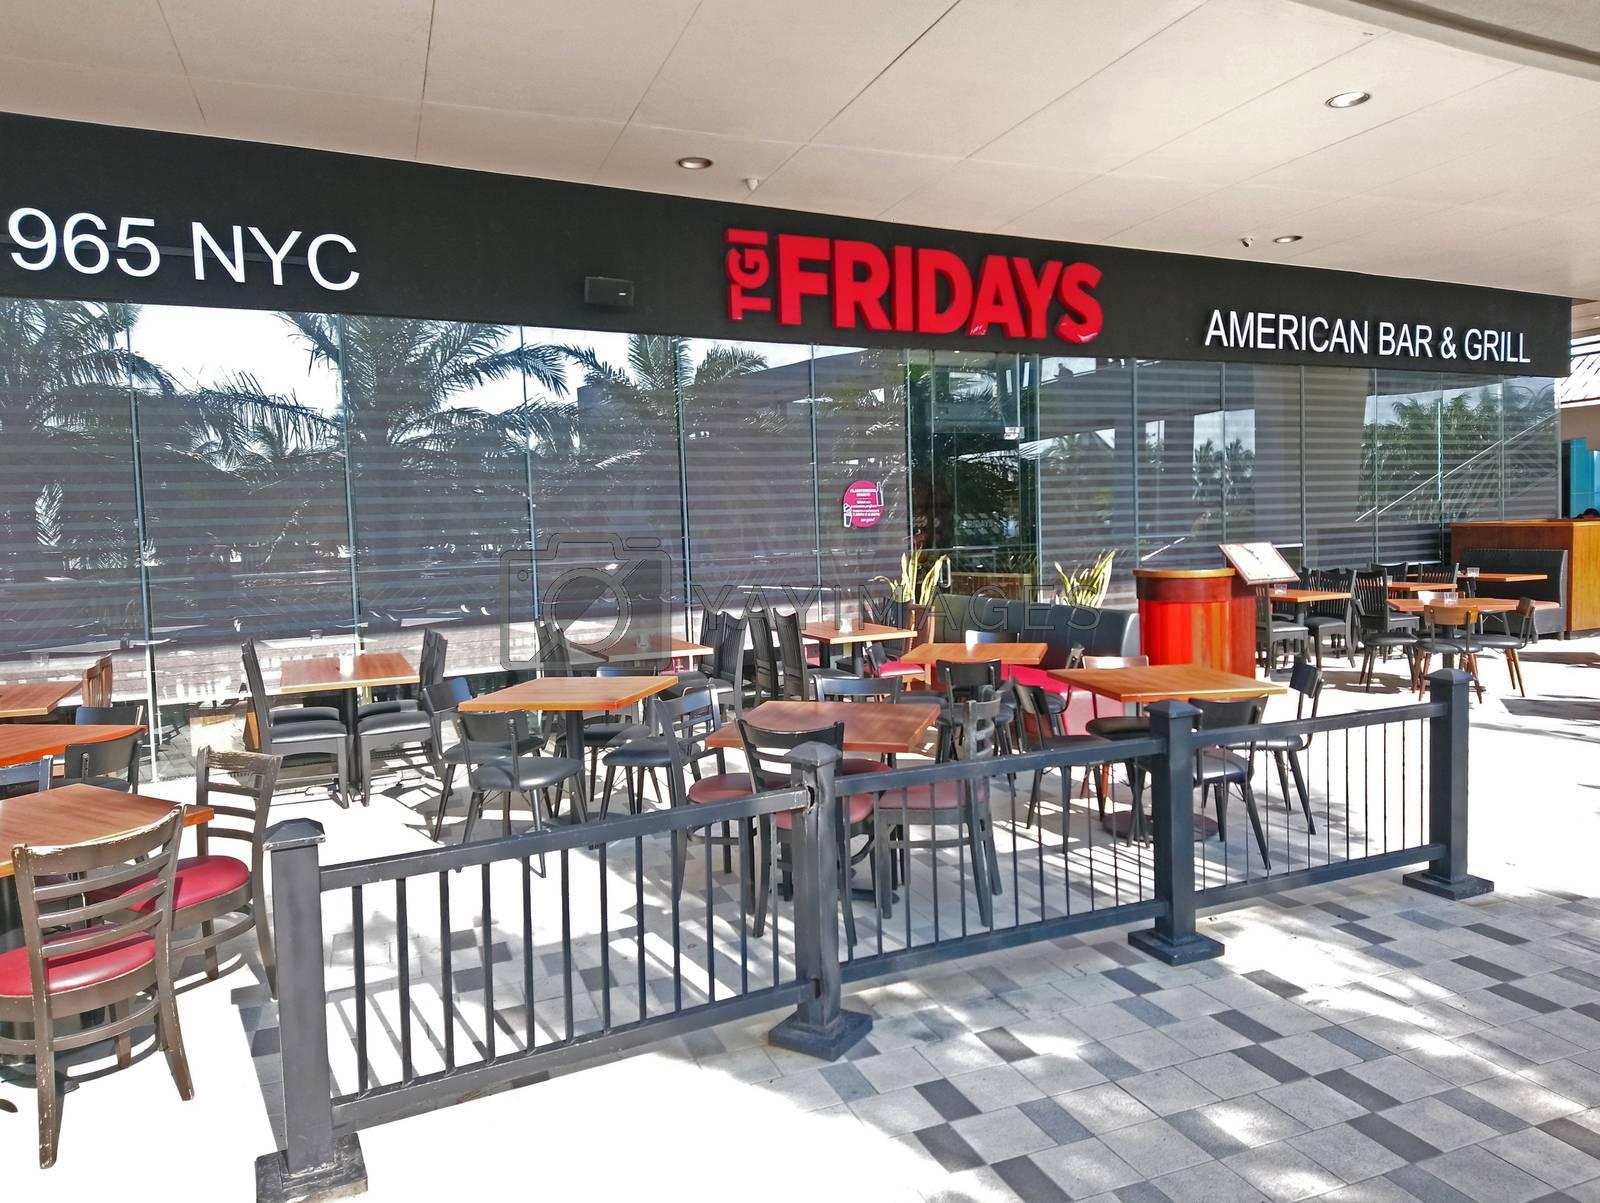 PASAY, PH - NOV 12 - TGI Fridays restaurant facade on November 12, 2018 in Pasay, Philippines.